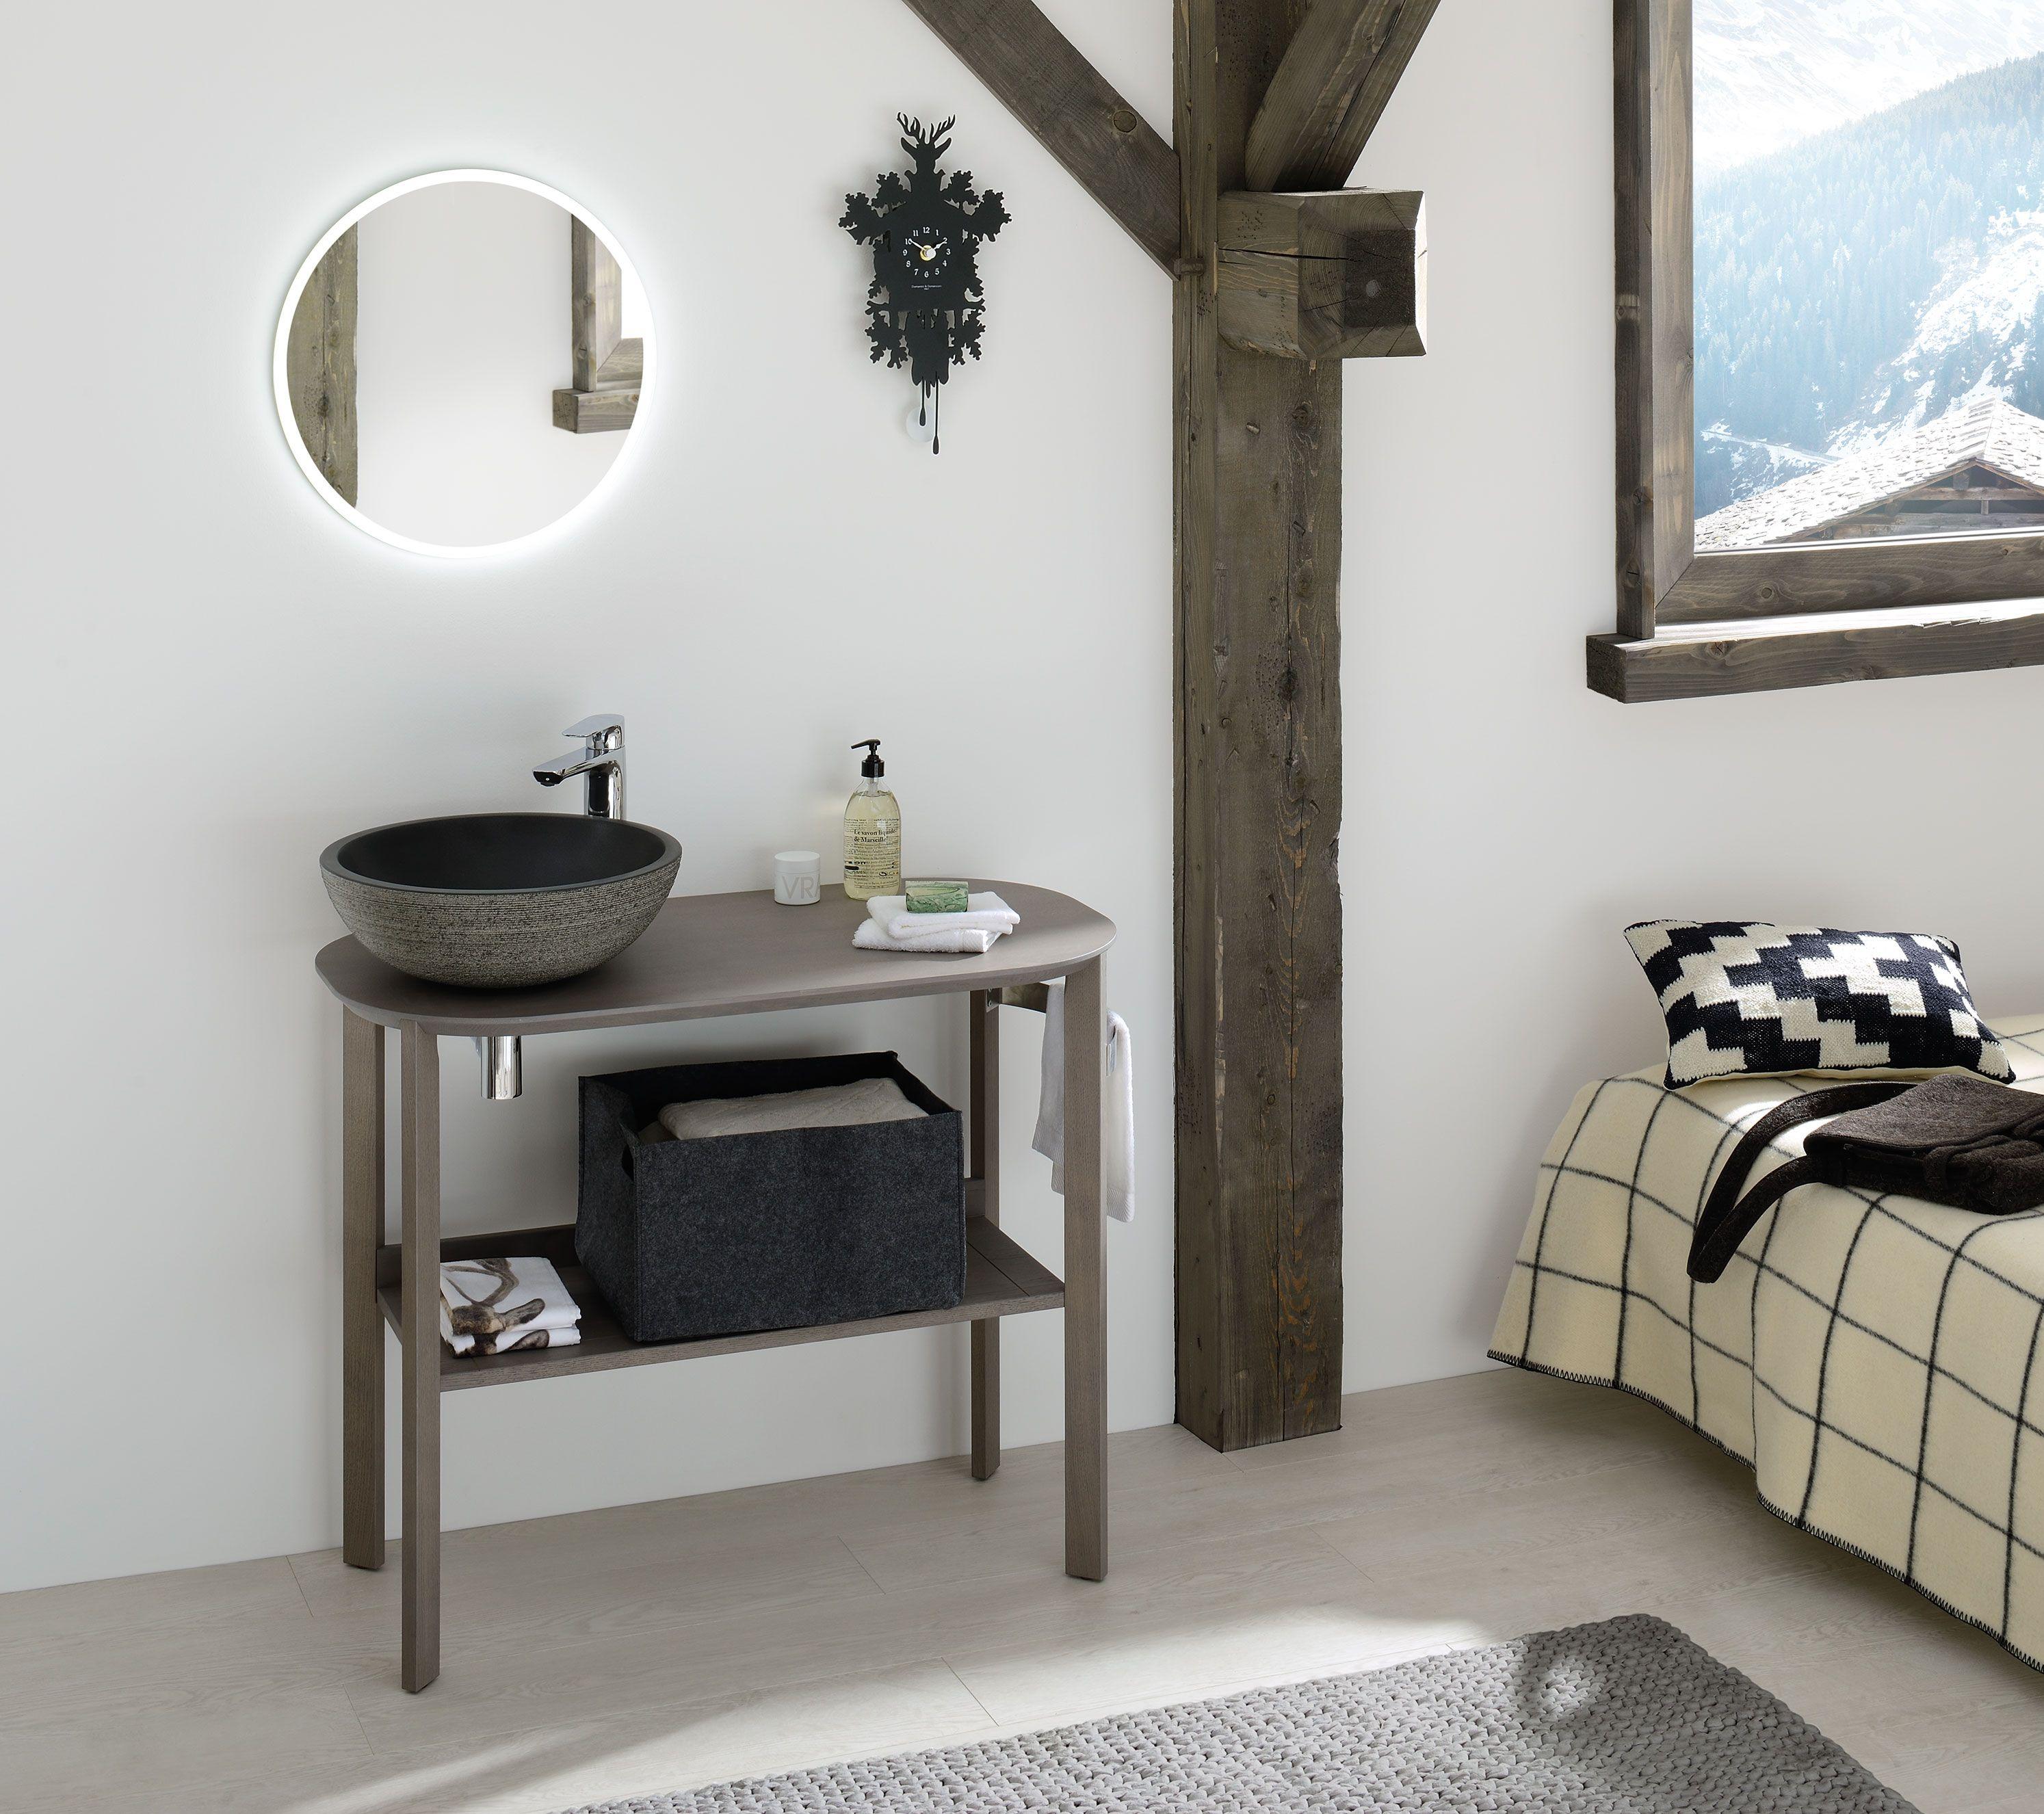 Une salle de bain esprit chalet pour petit espace : meuble ...